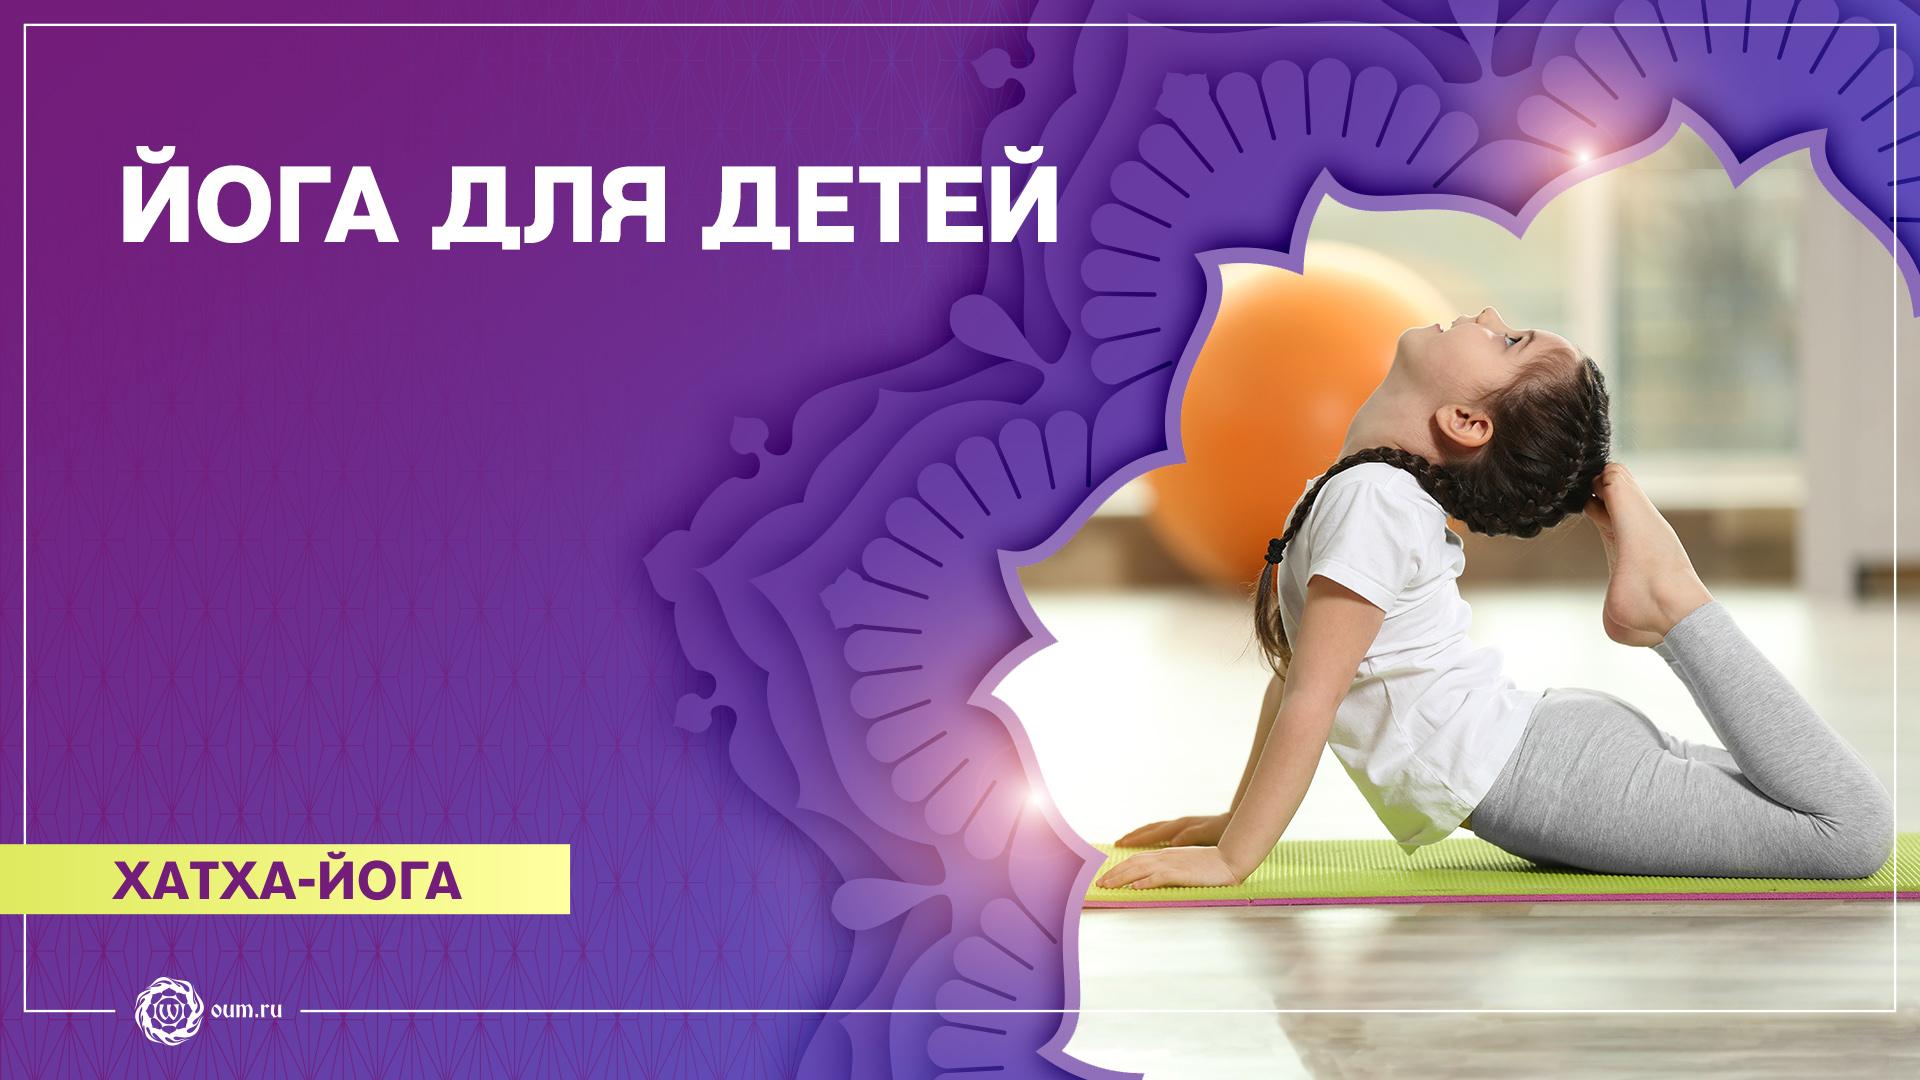 Йога для детей. Александра Штукатурова